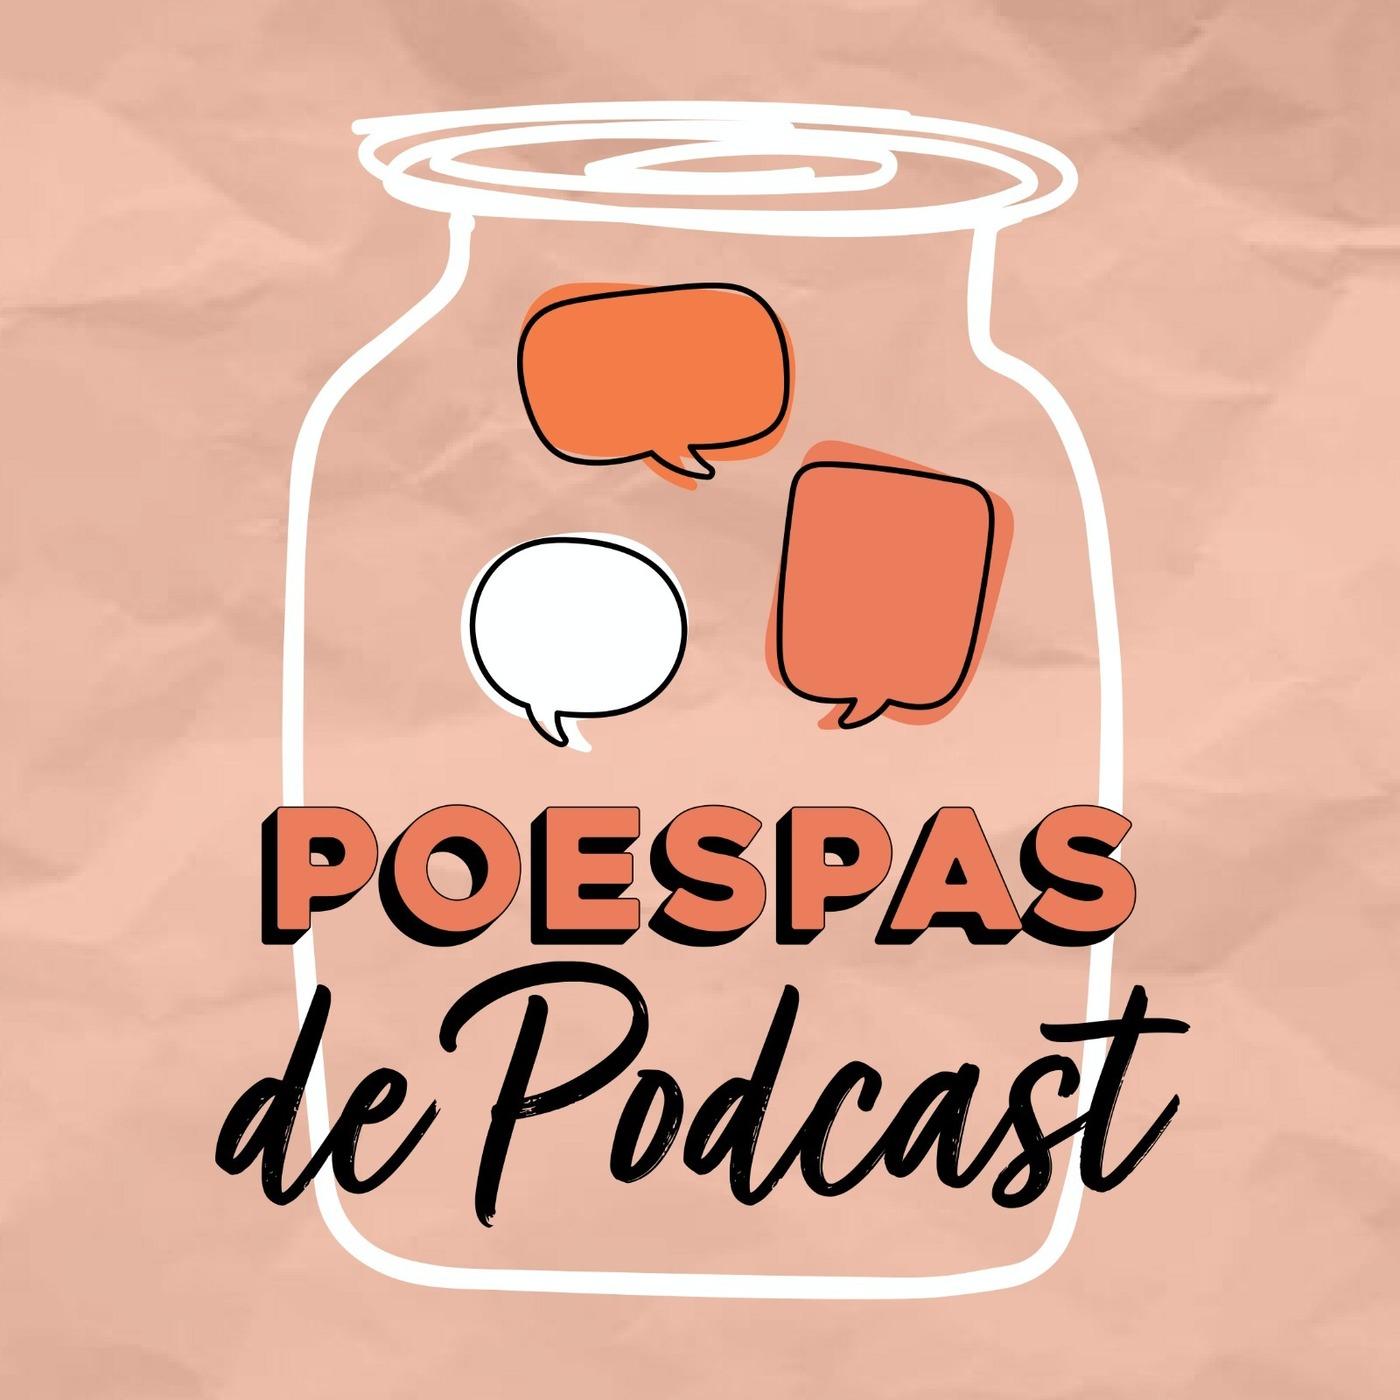 Poespas de Podcast logo